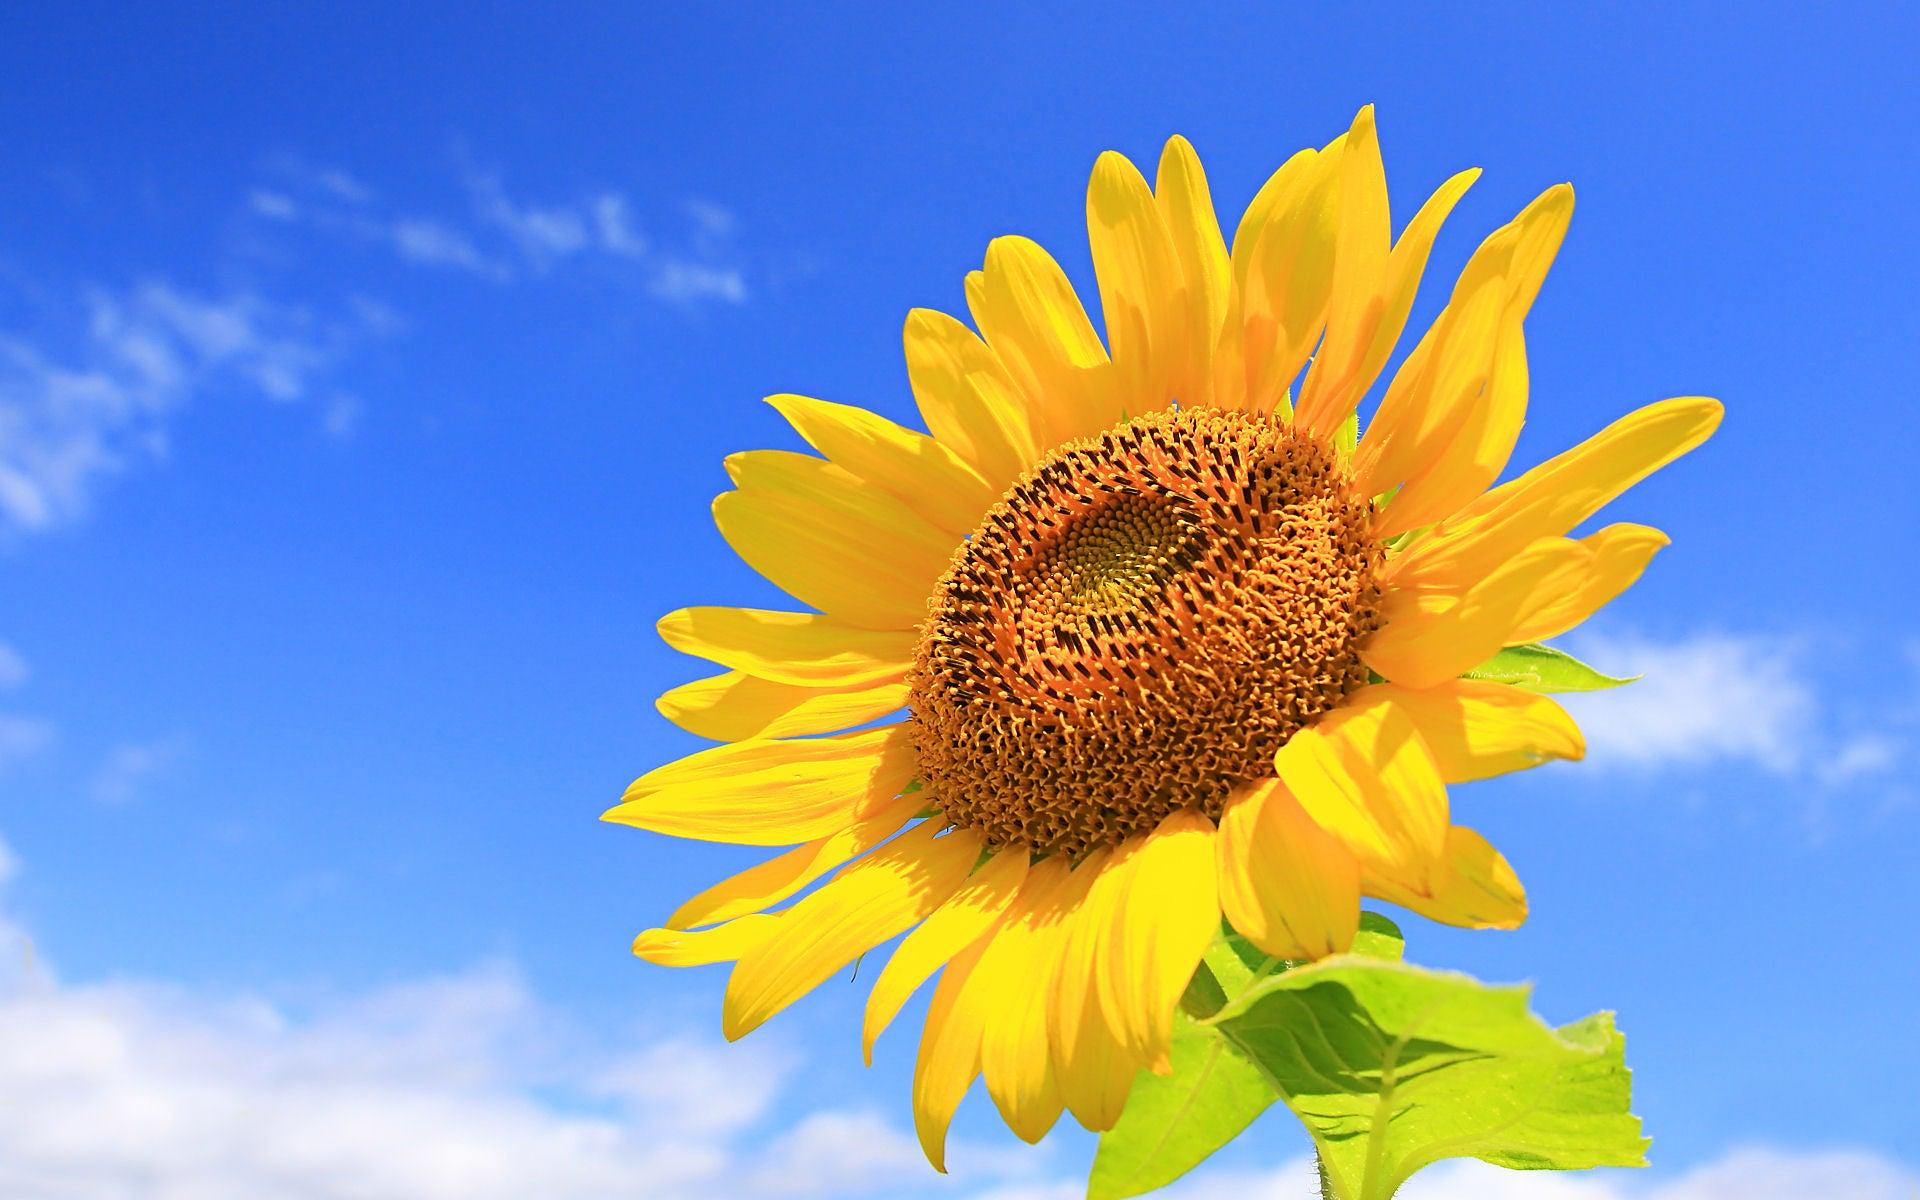 ひまわり 花 言葉 花言葉・ひまわりの意味は?笑顔や元気な気持ちになる言葉が沢山!